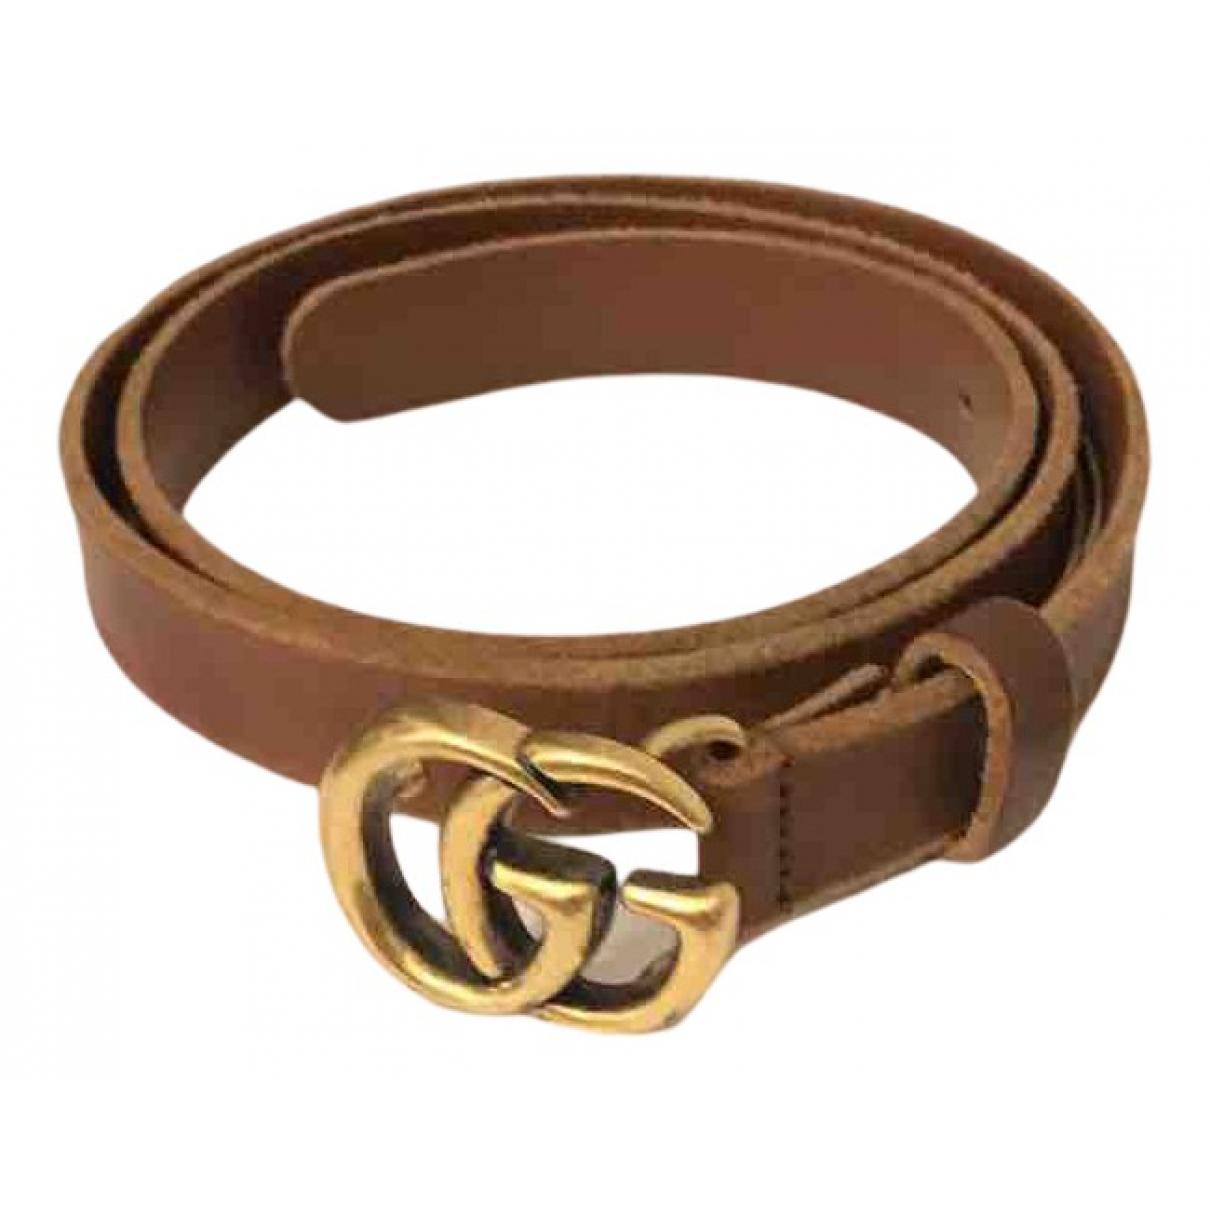 Cinturon GG Buckle de Cuero Gucci